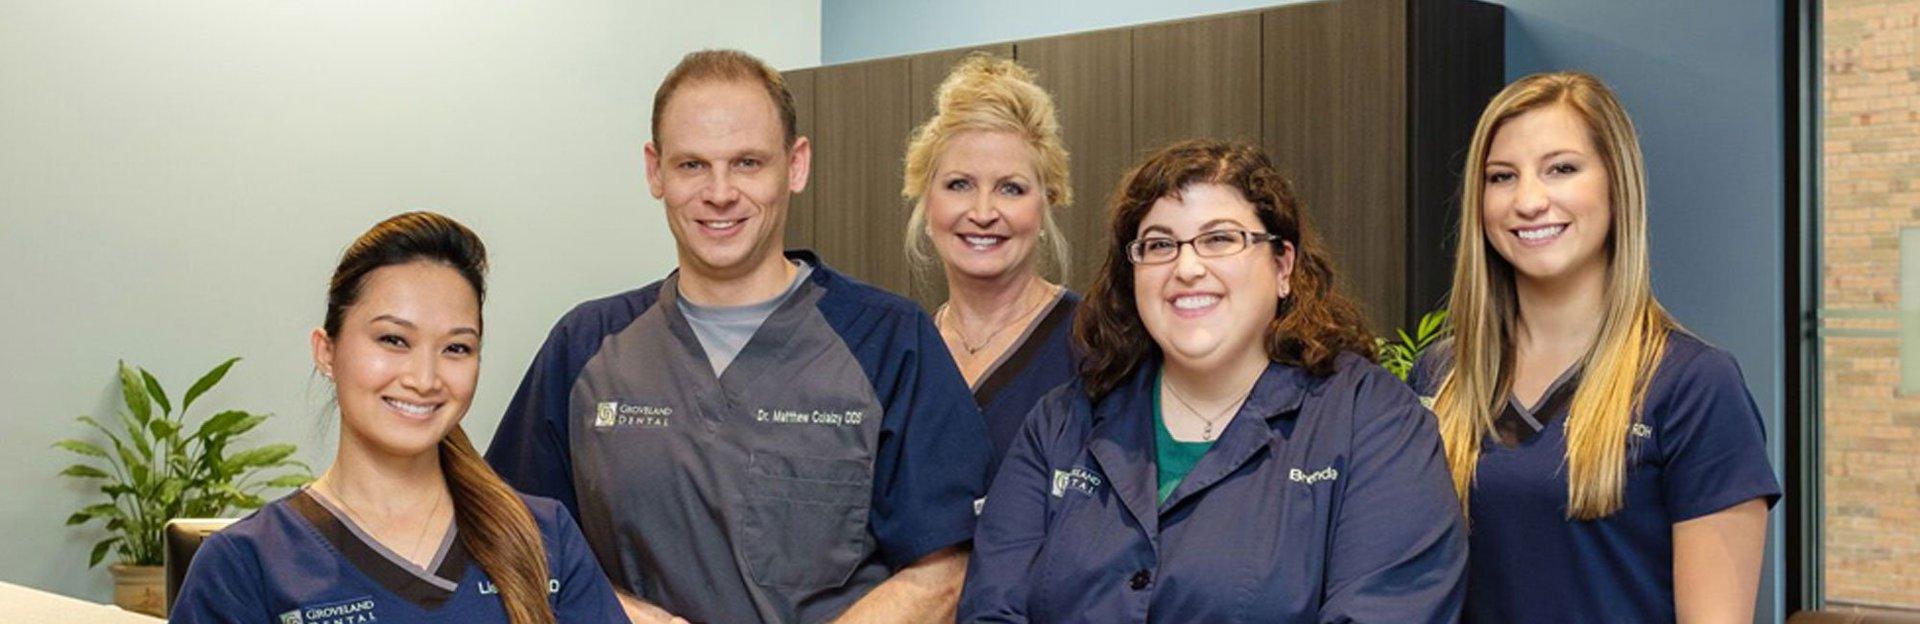 Groveland Dental Staffs